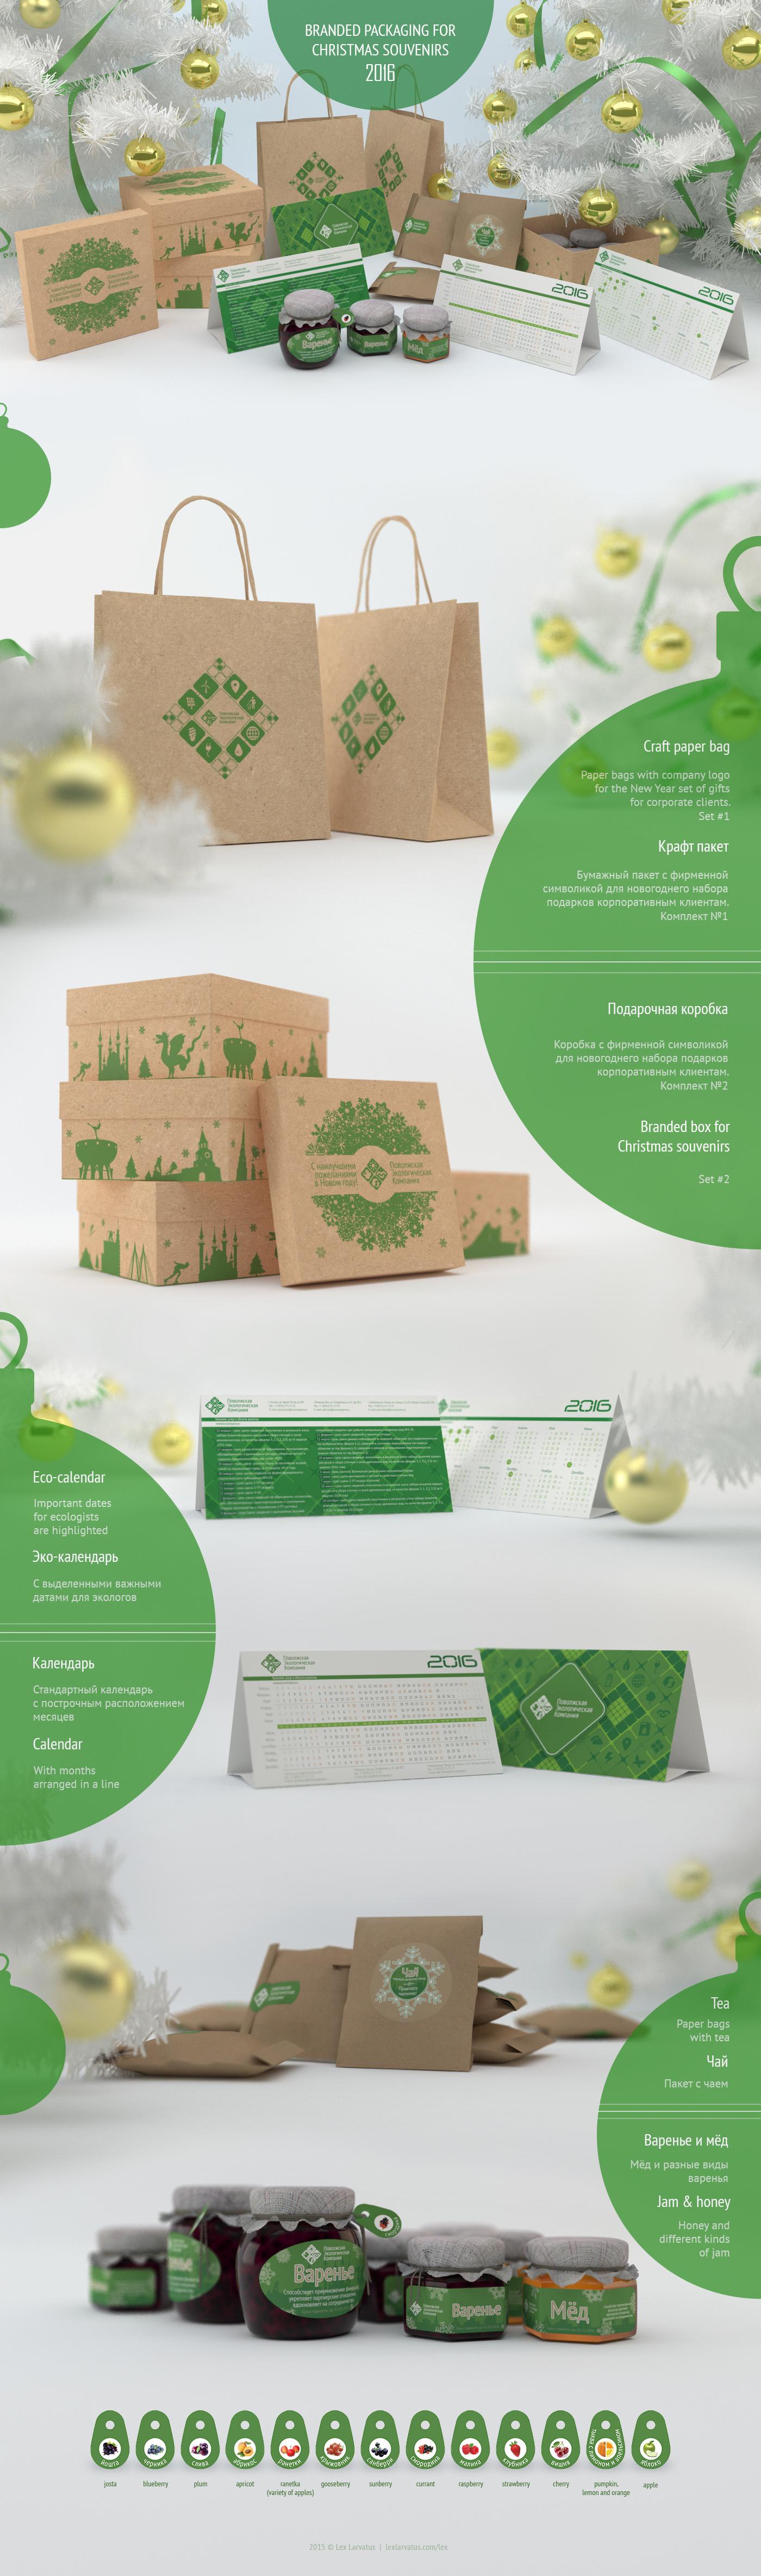 Оформление наборов новогодних сувениров для корпоративных клиентов